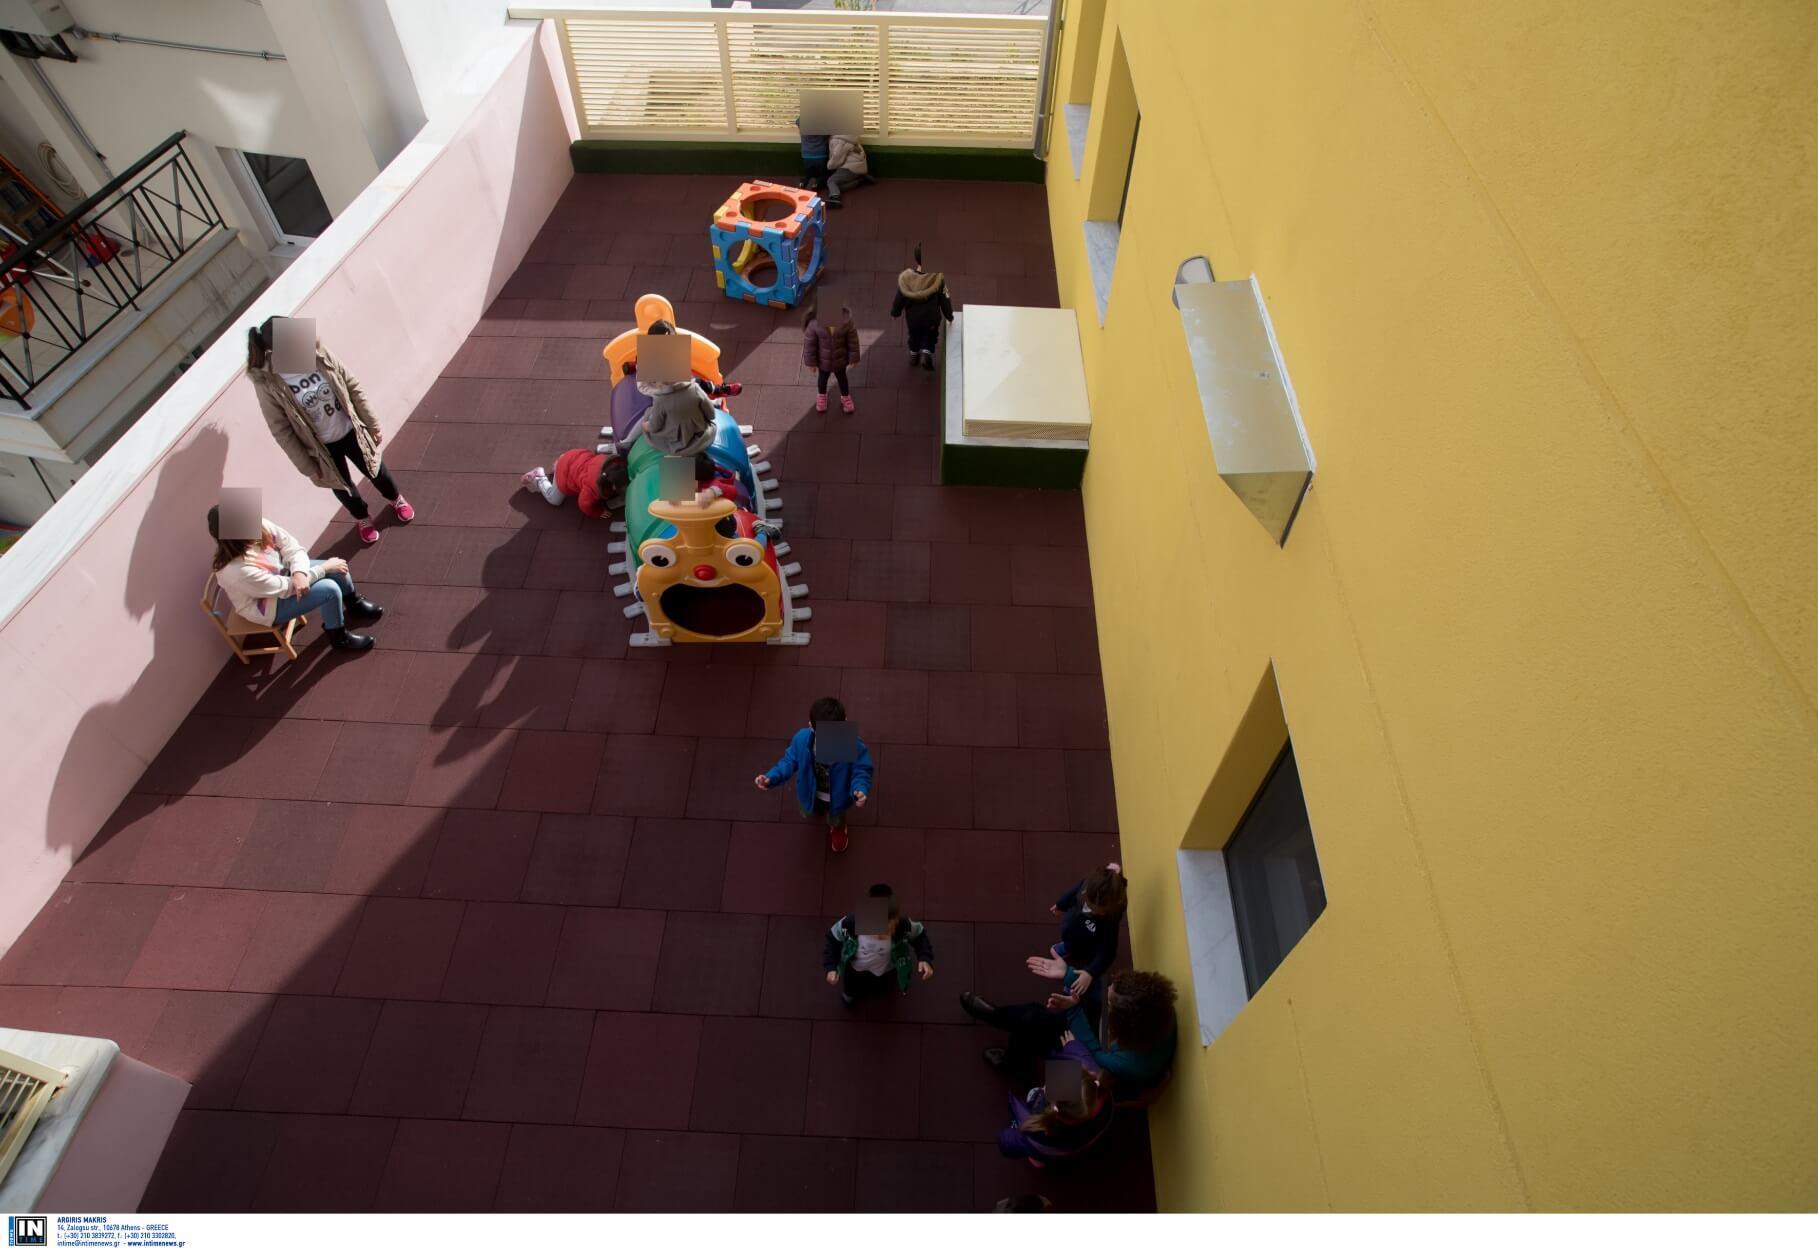 ΕΕΤΑΑ Παιδικοί Σταθμοί: Οι ημερομηνίες για τις αιτήσεις